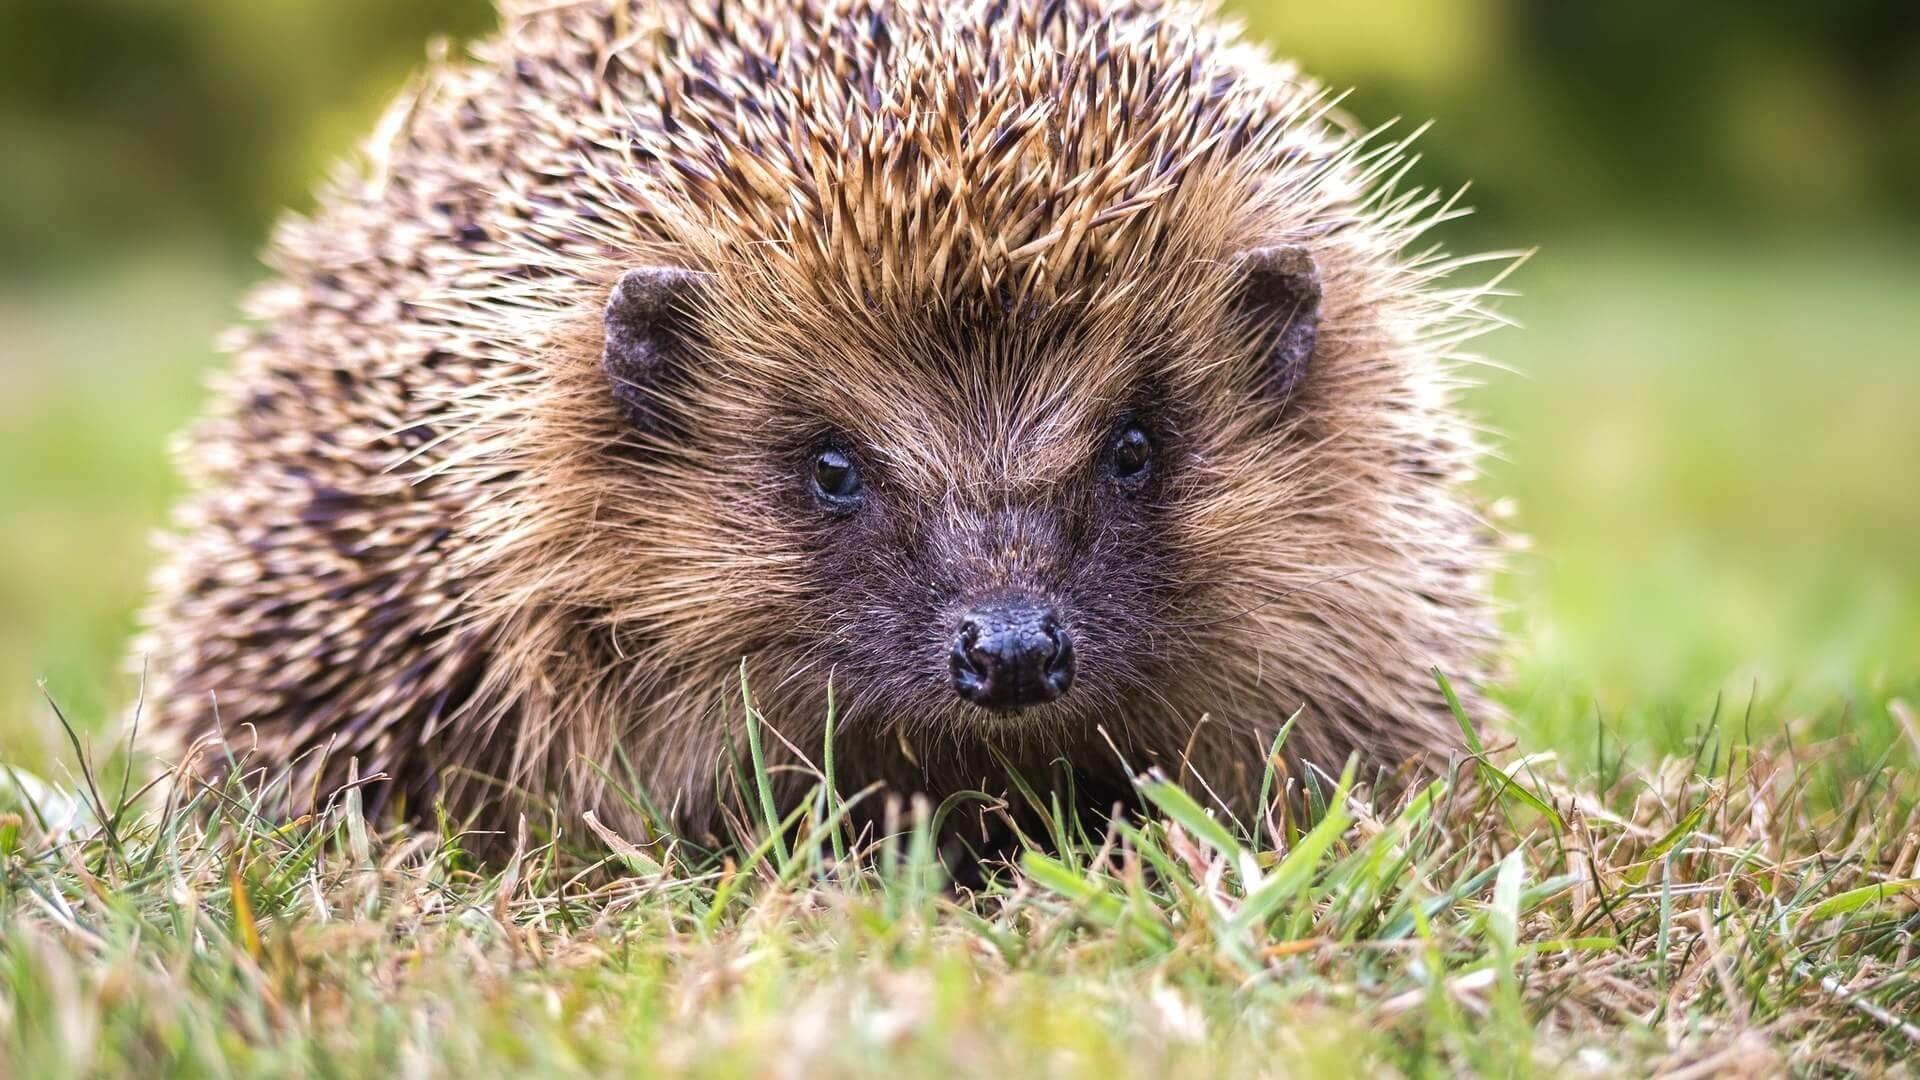 Hedgehog HD Wallpaper